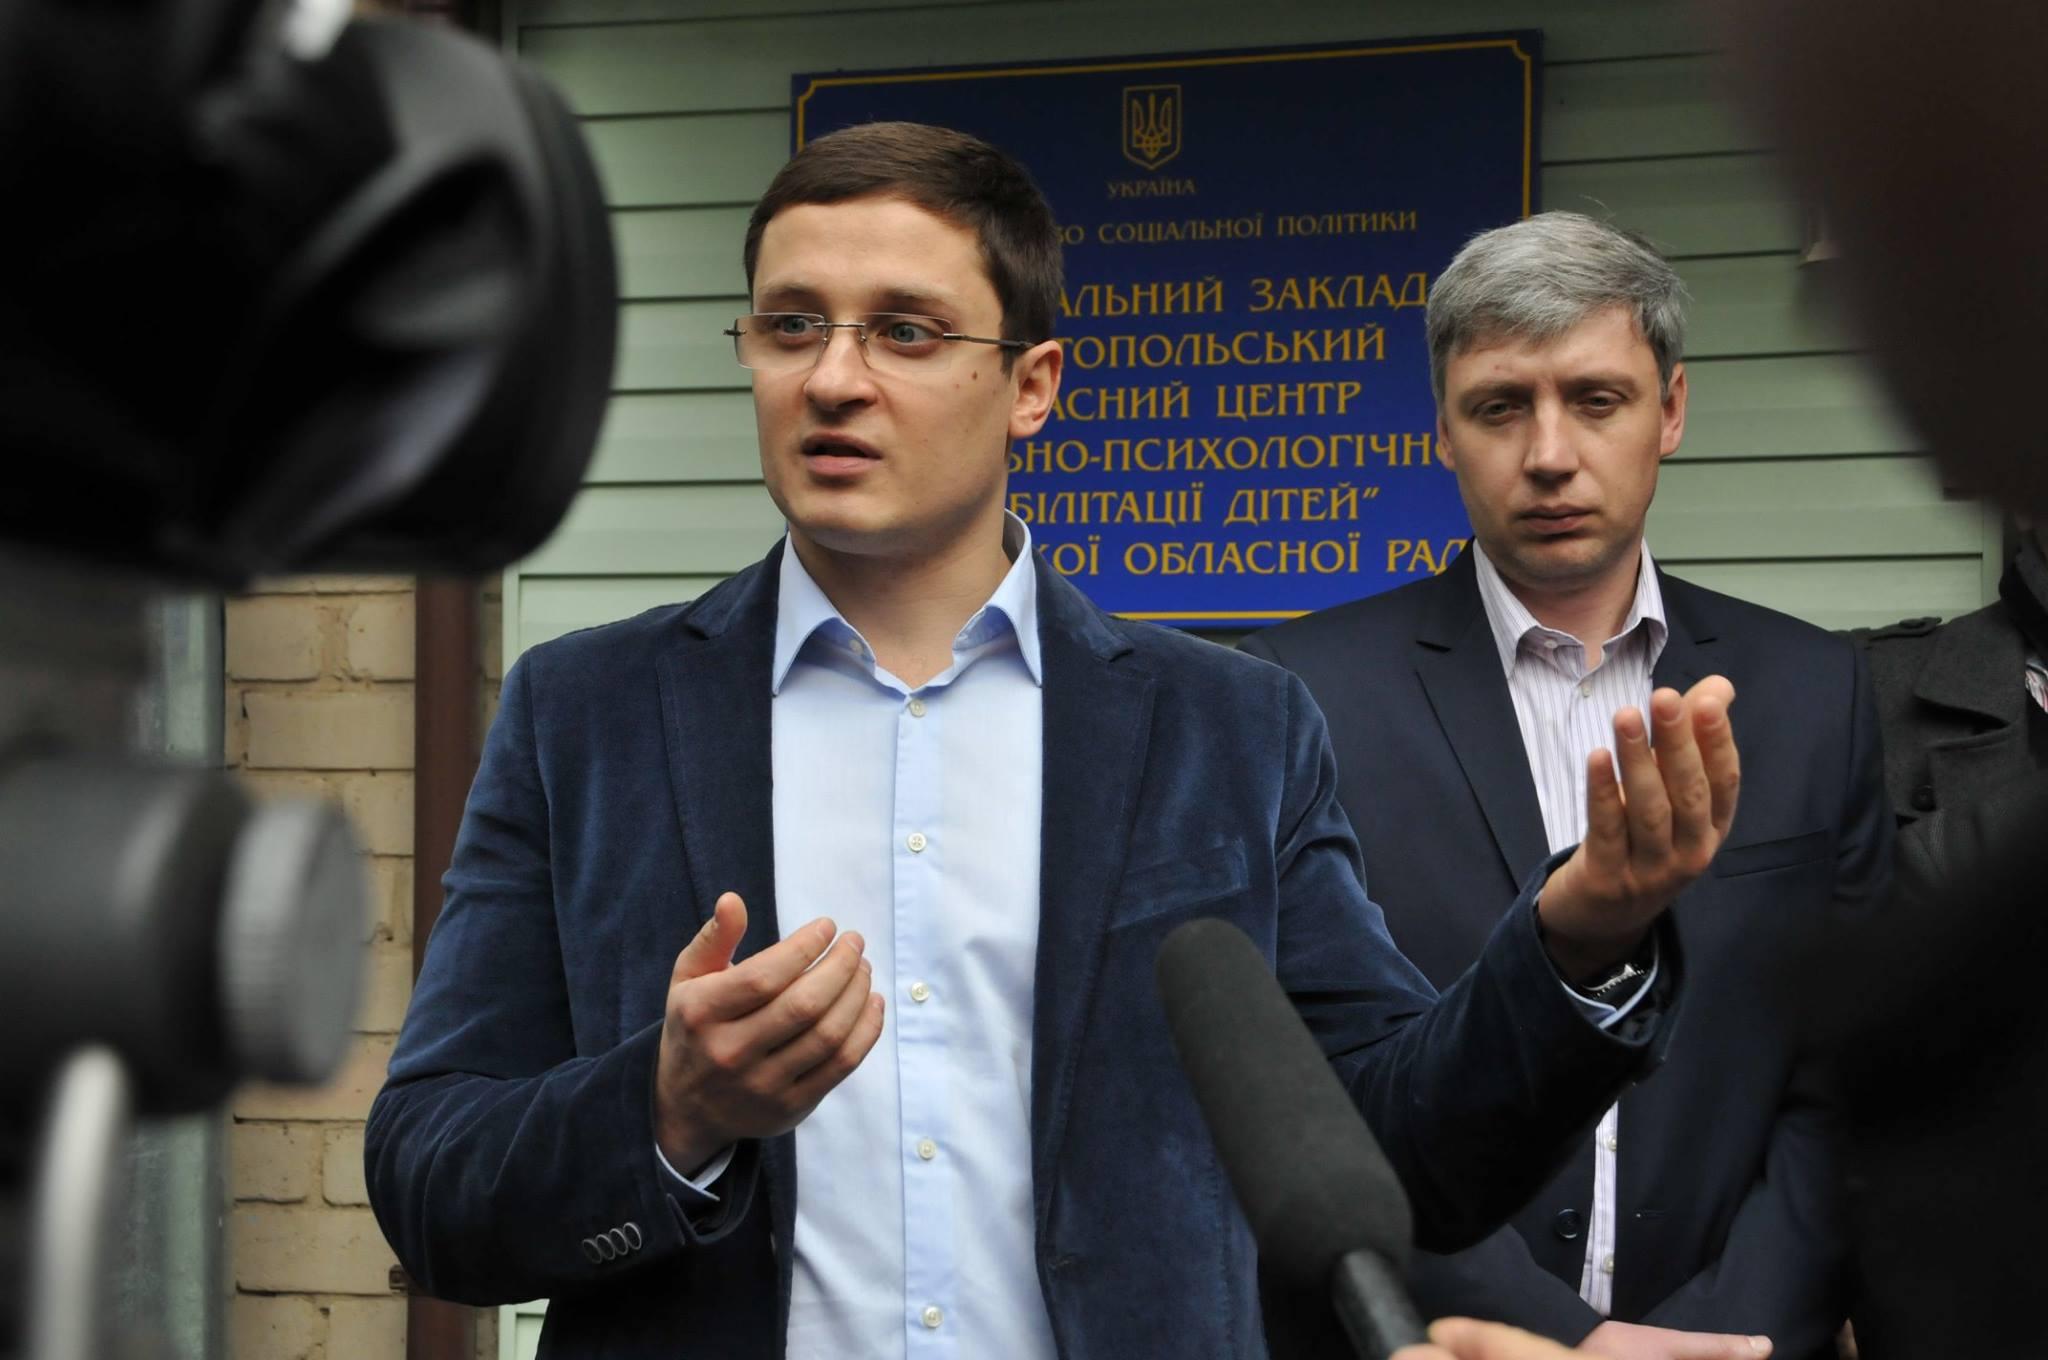 Апелляционный суд оставил постоянным размер залога заместителю главы города Запорожья